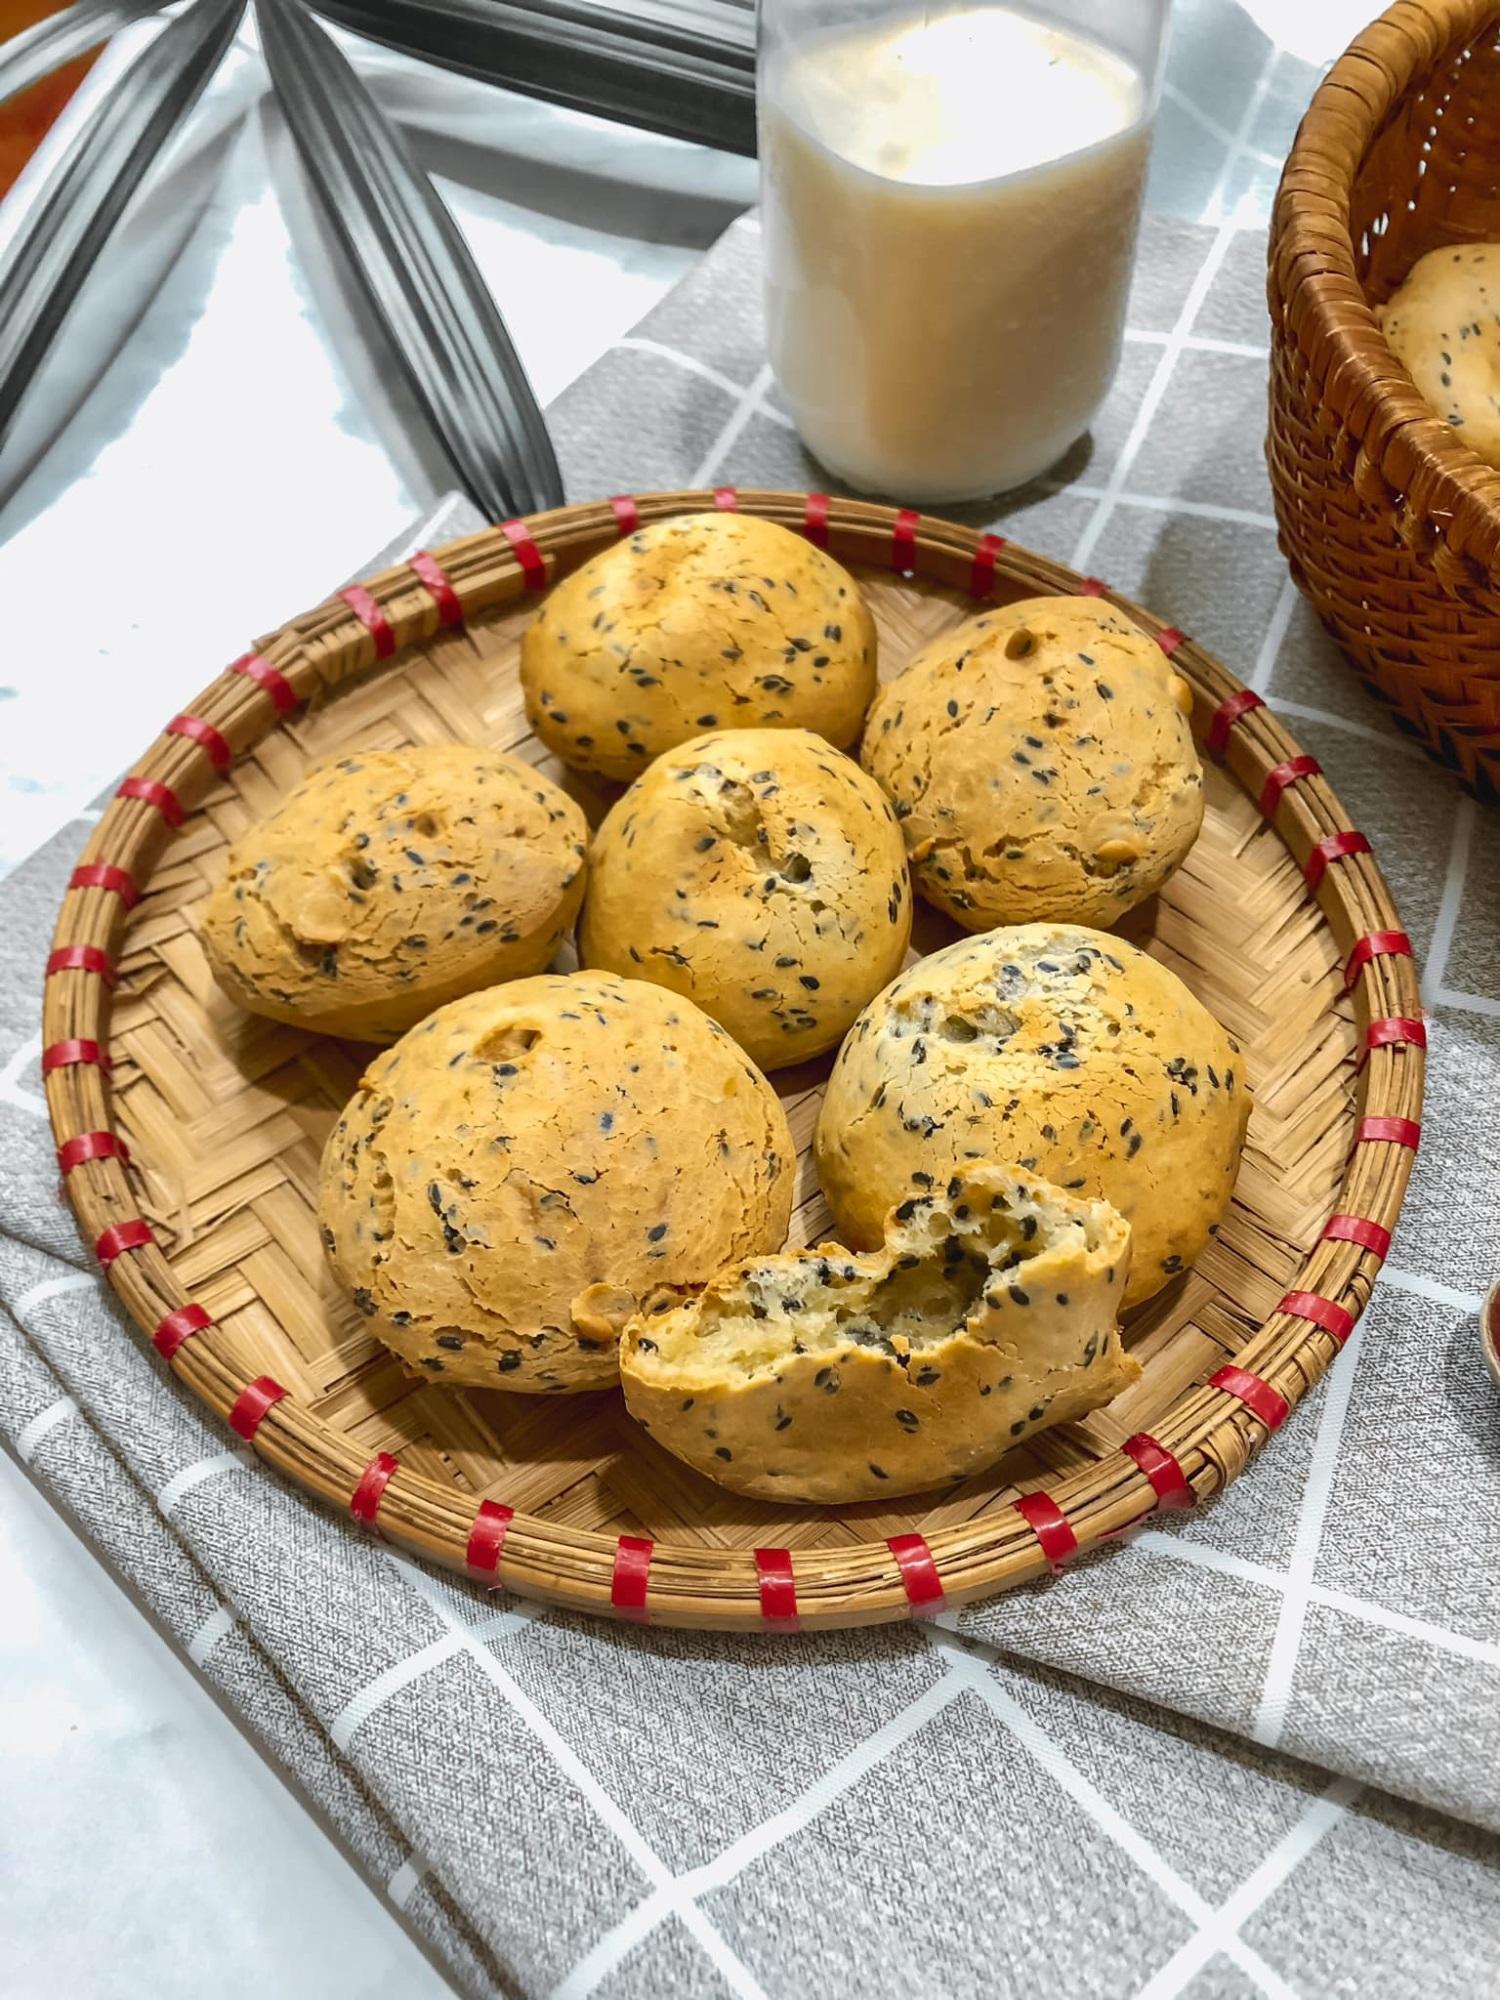 'Chị đẹp' chia sẻ bí quyết làm bánh mì mè đen Hàn Quốc bằng nồi chiên không dầu cực đơn giản - Ảnh 5